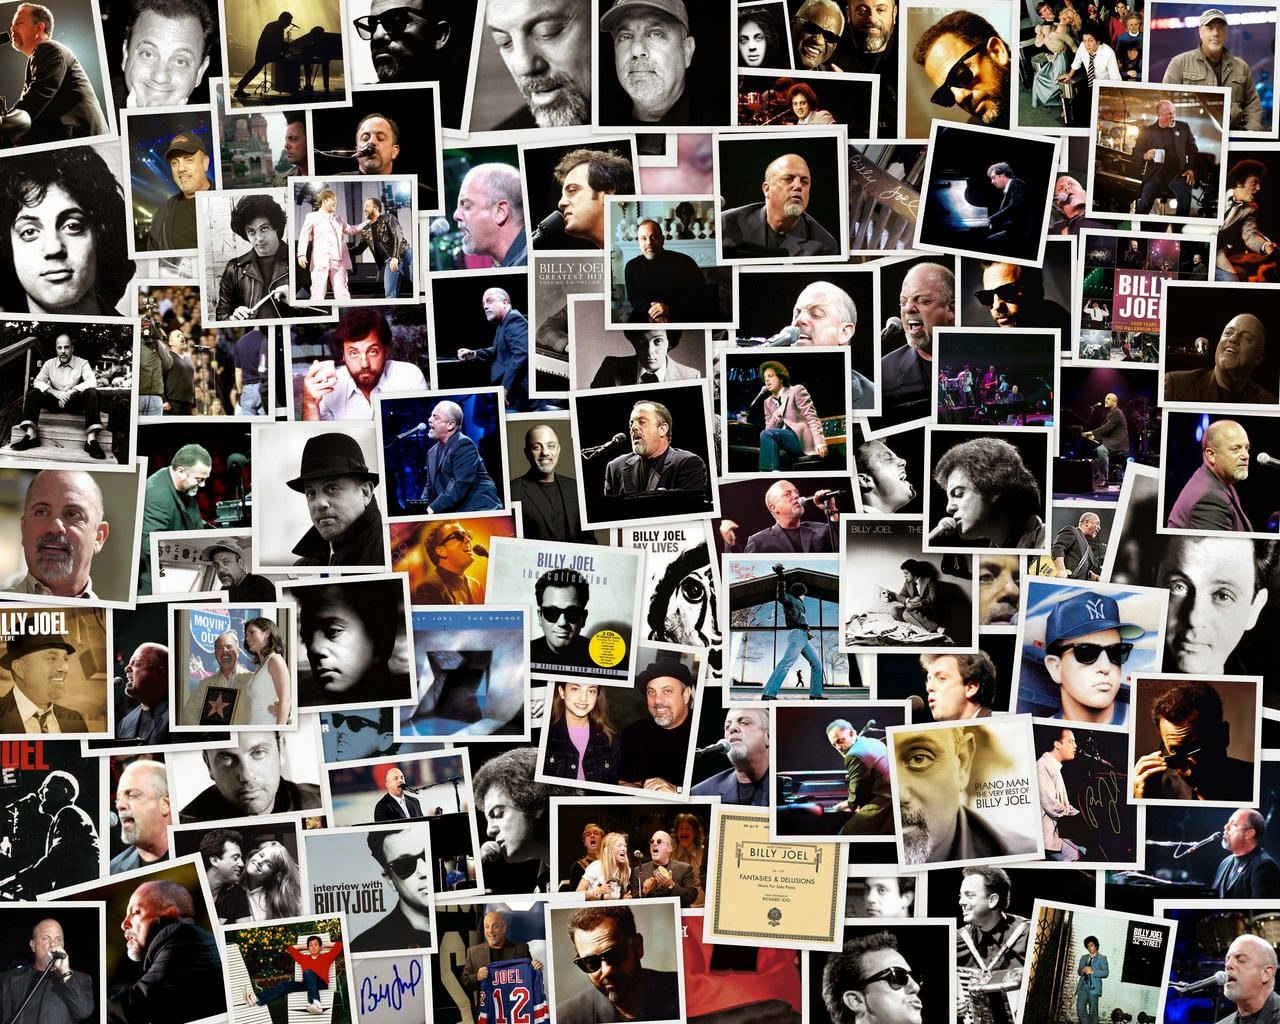 Rock On Vinyl Billy Joel Unlicensed Live 1993 Bootleg